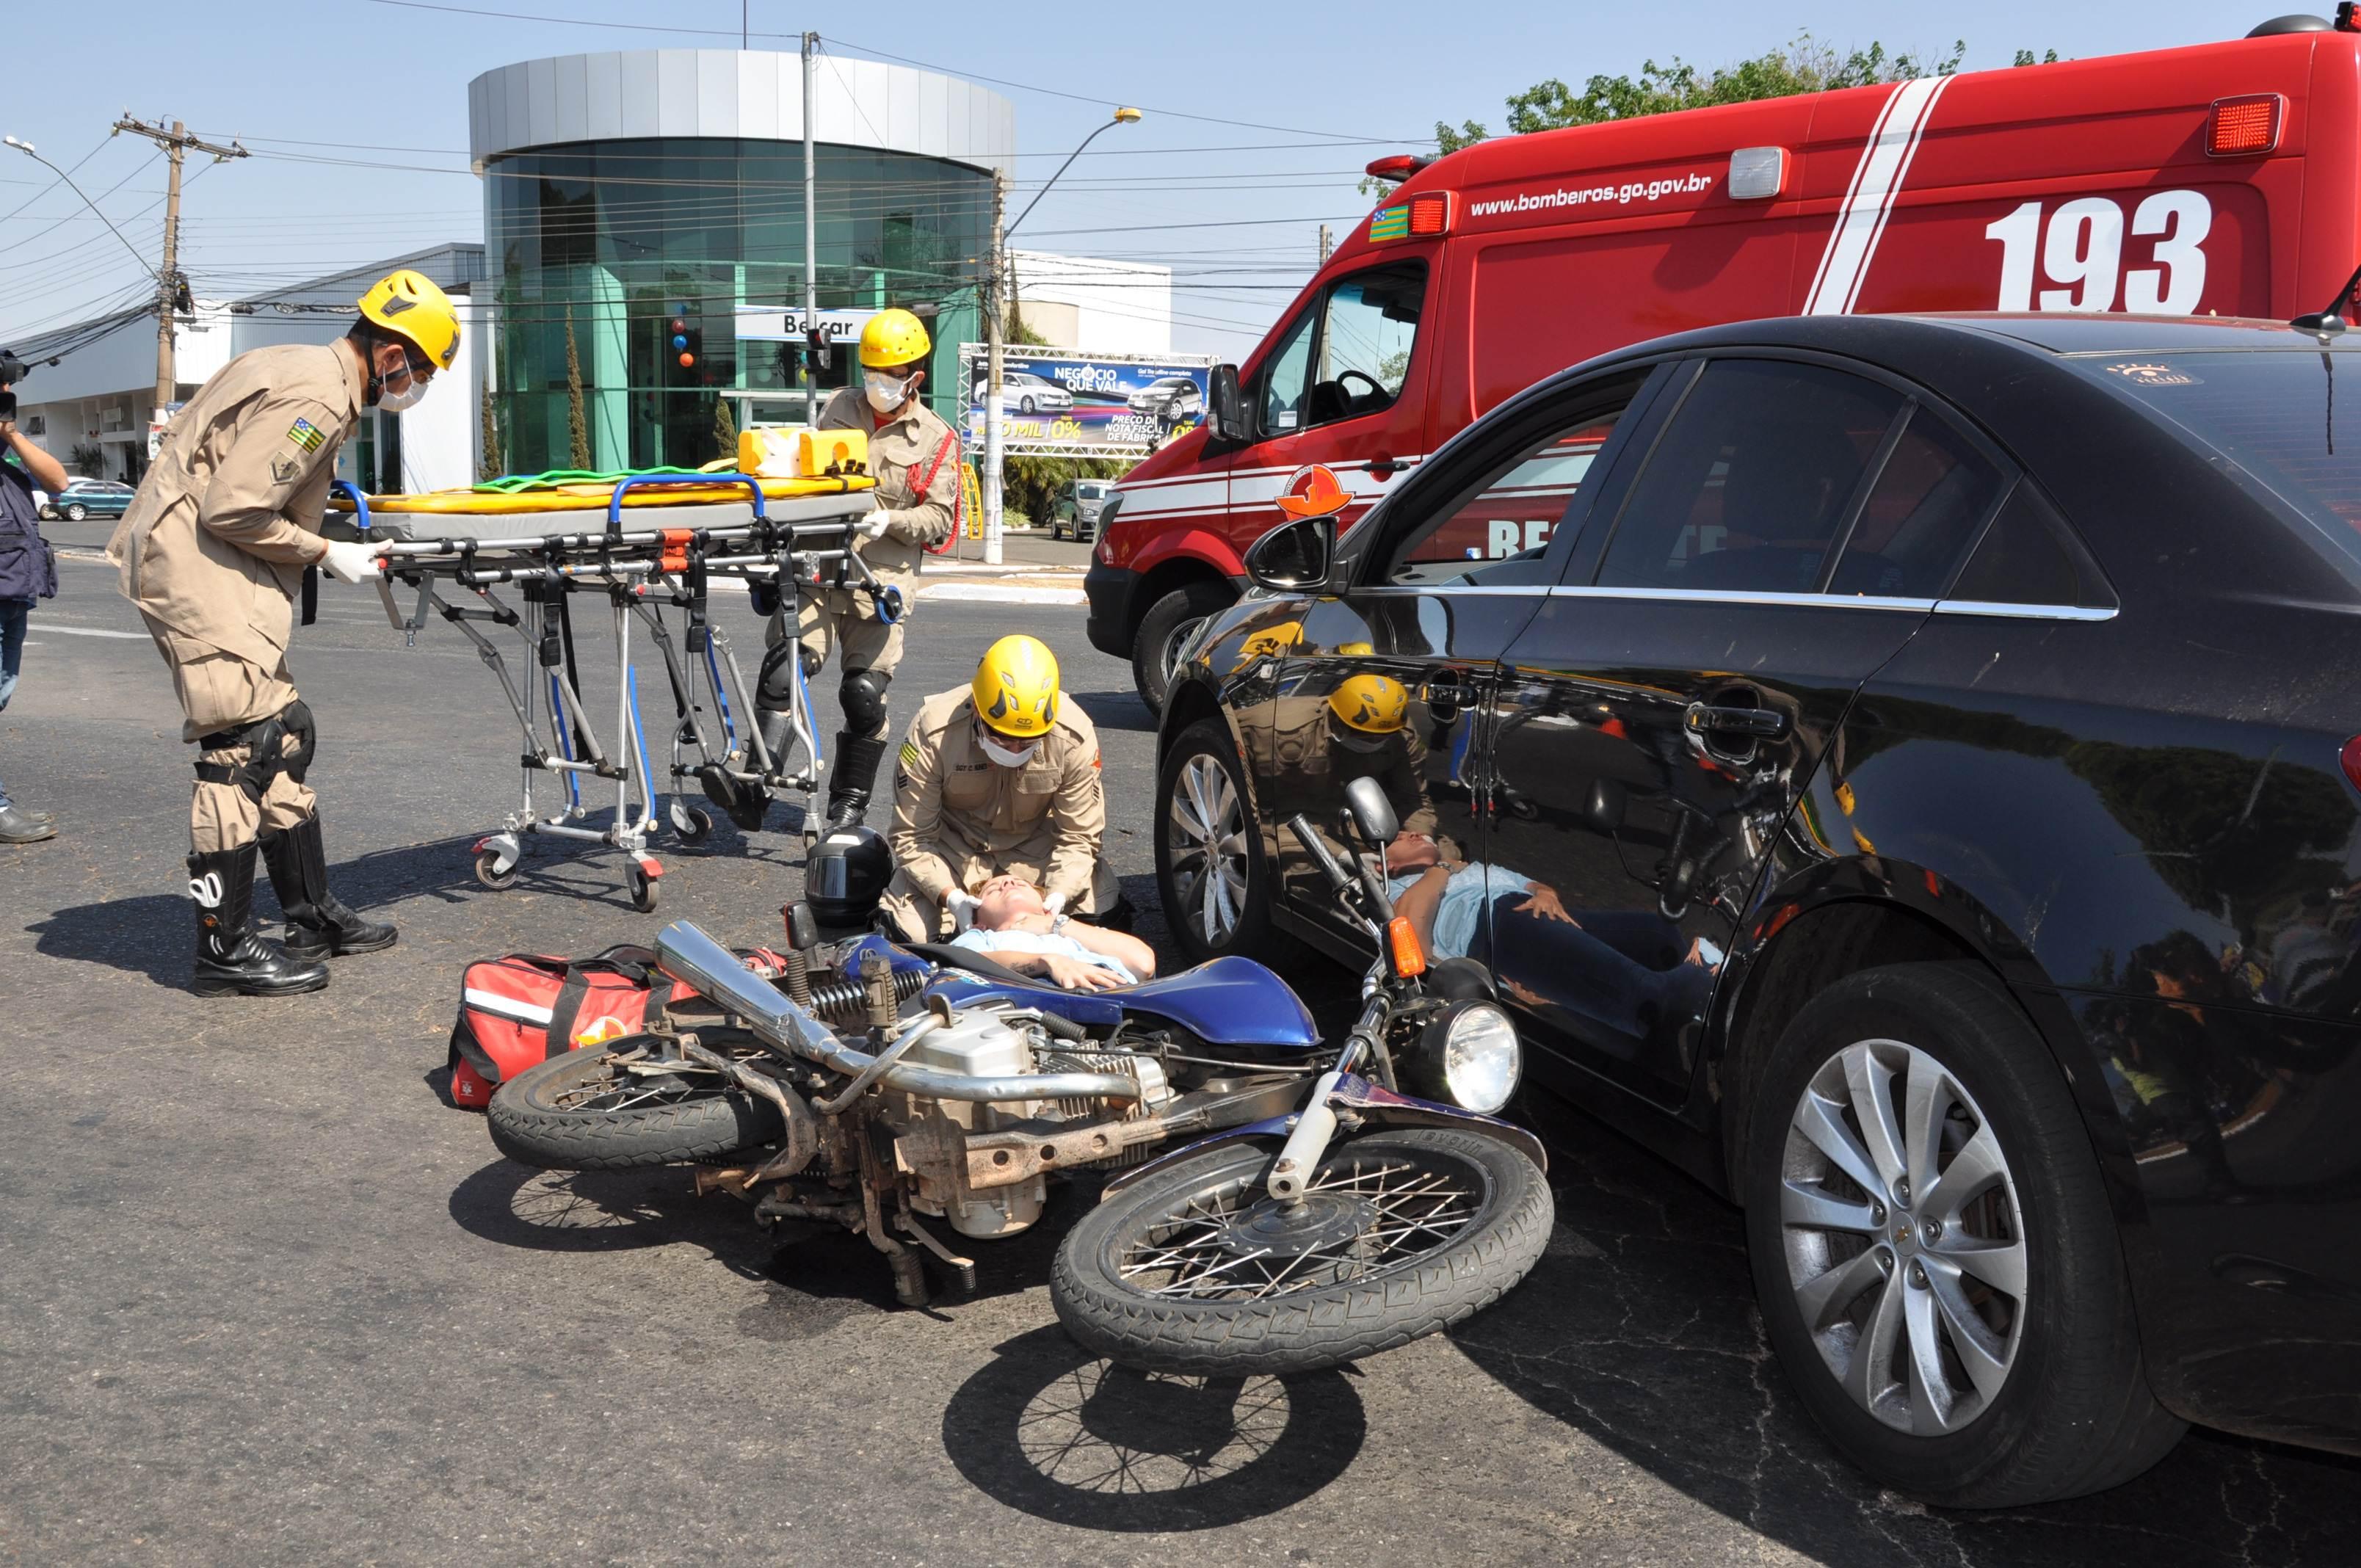 Simulação de acidente, realizada pelo Corpo de Bombeiros, em parceria com o Detran-GO, alerta população para os riscos do desrespeito às leis de trânsito   Foto: Divulgação / Detran-GO